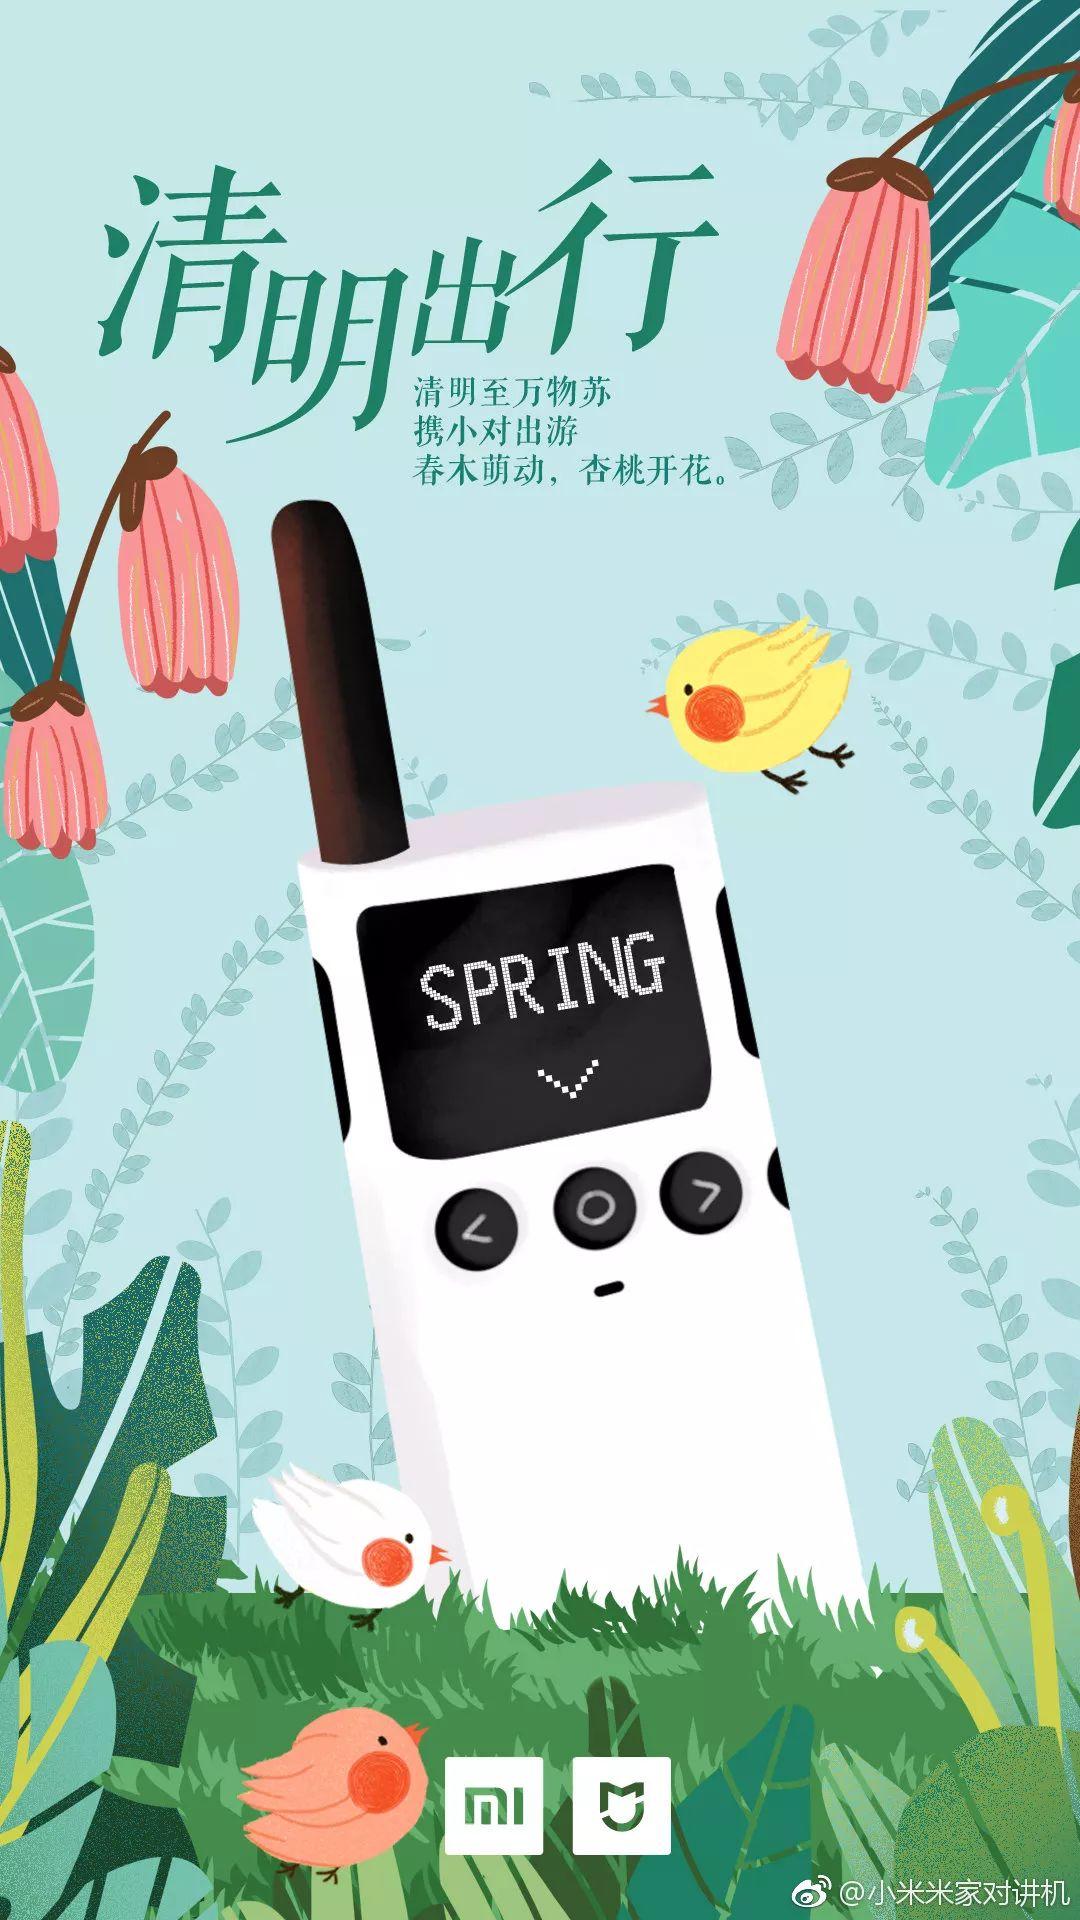 清明节海报文案: 低头追思故人,抬头迈向春天!插图46